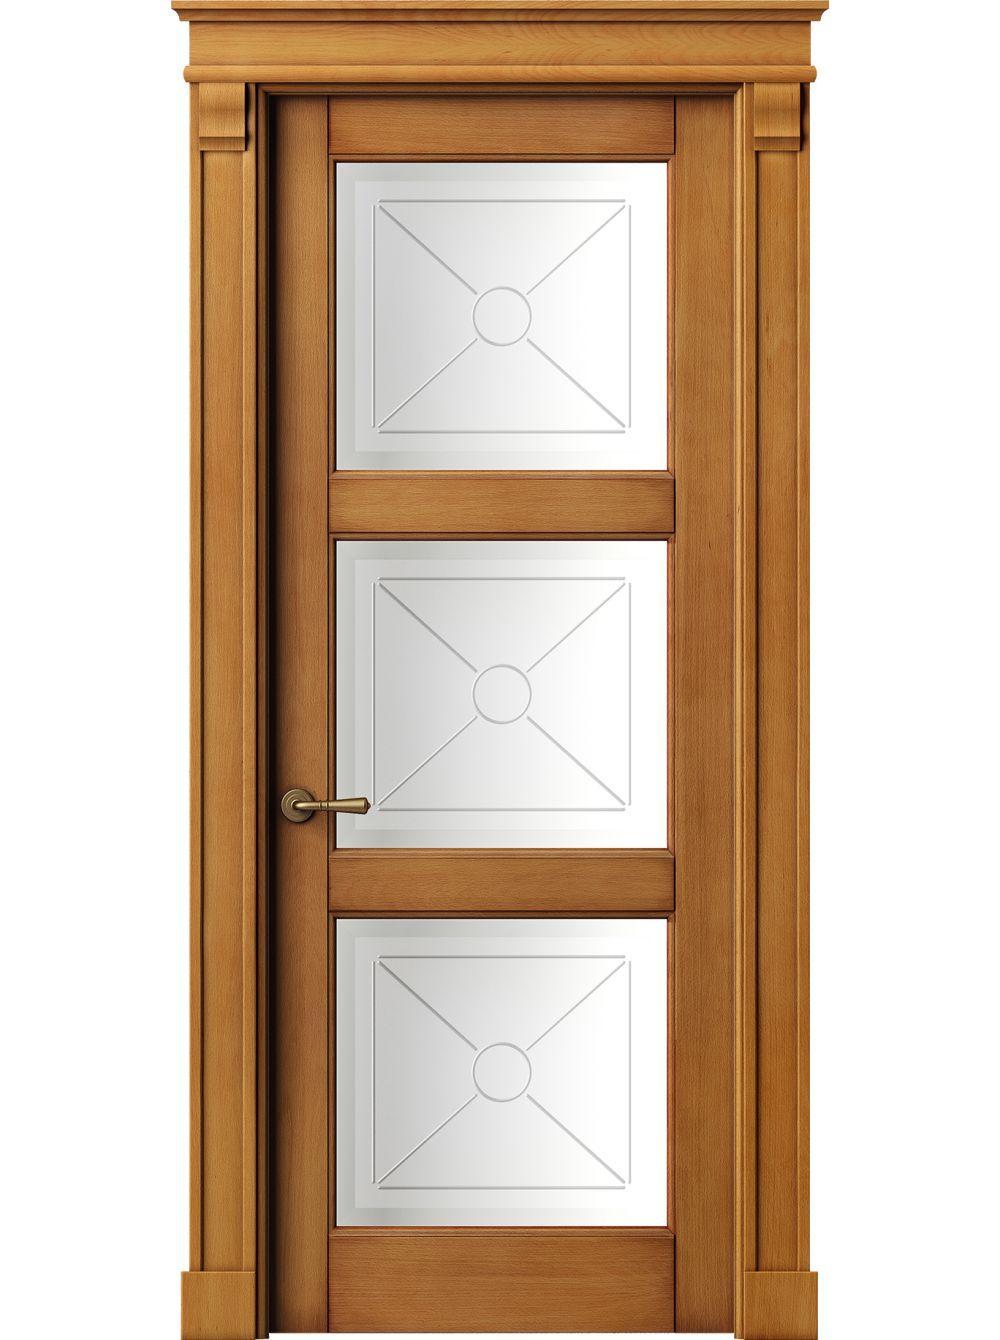 Interior Door tuscan interior doors pictures : Sarto Toscana Litera 6310 Interior Door Beech Light Patina ...